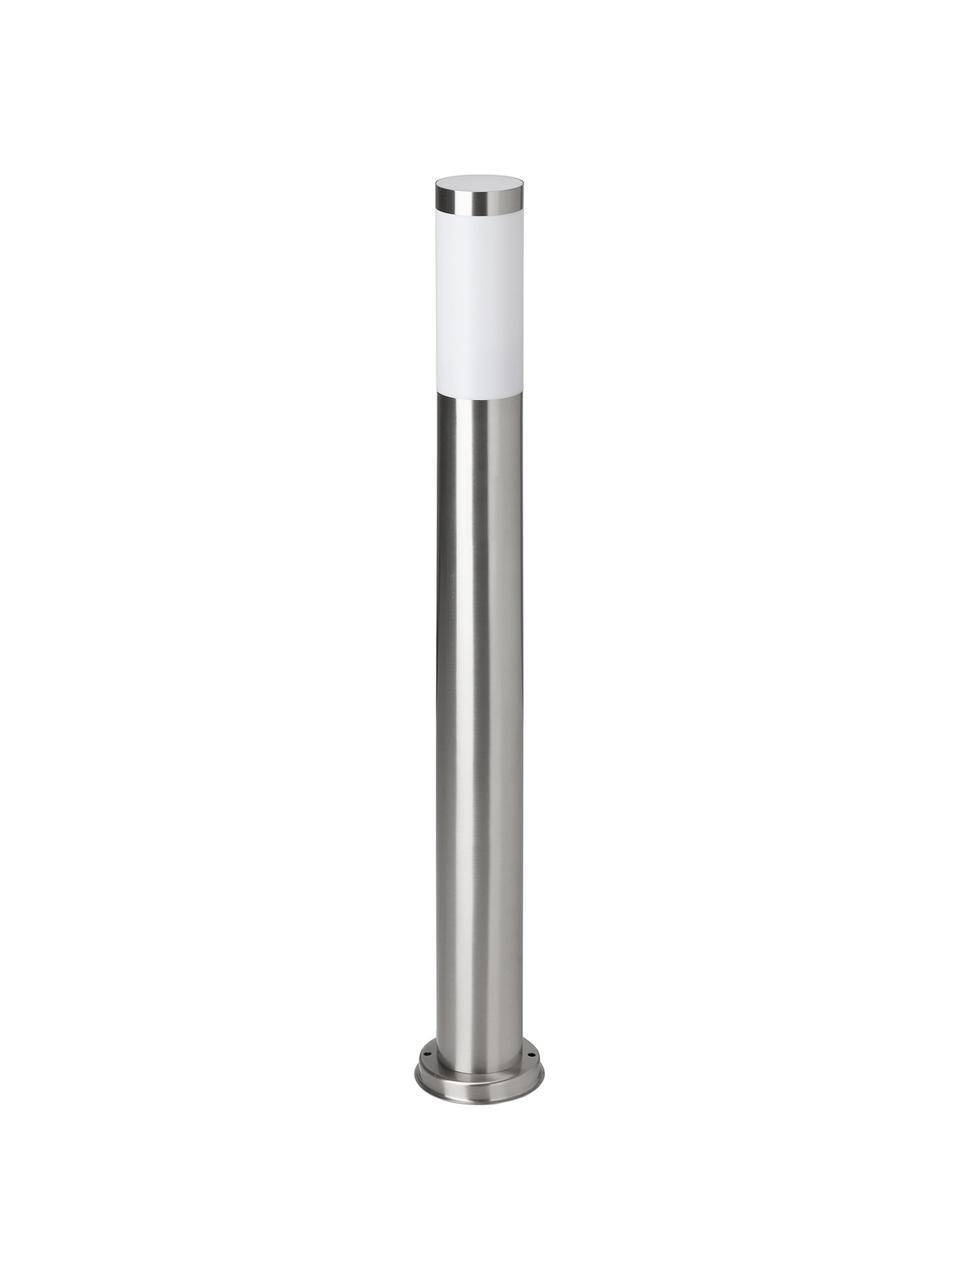 Einbau-LED-Wegeleuchte Chorus, Lampenfuß: Edelstahl, Edelstahl, Weiß, Ø 8 x H 80 cm